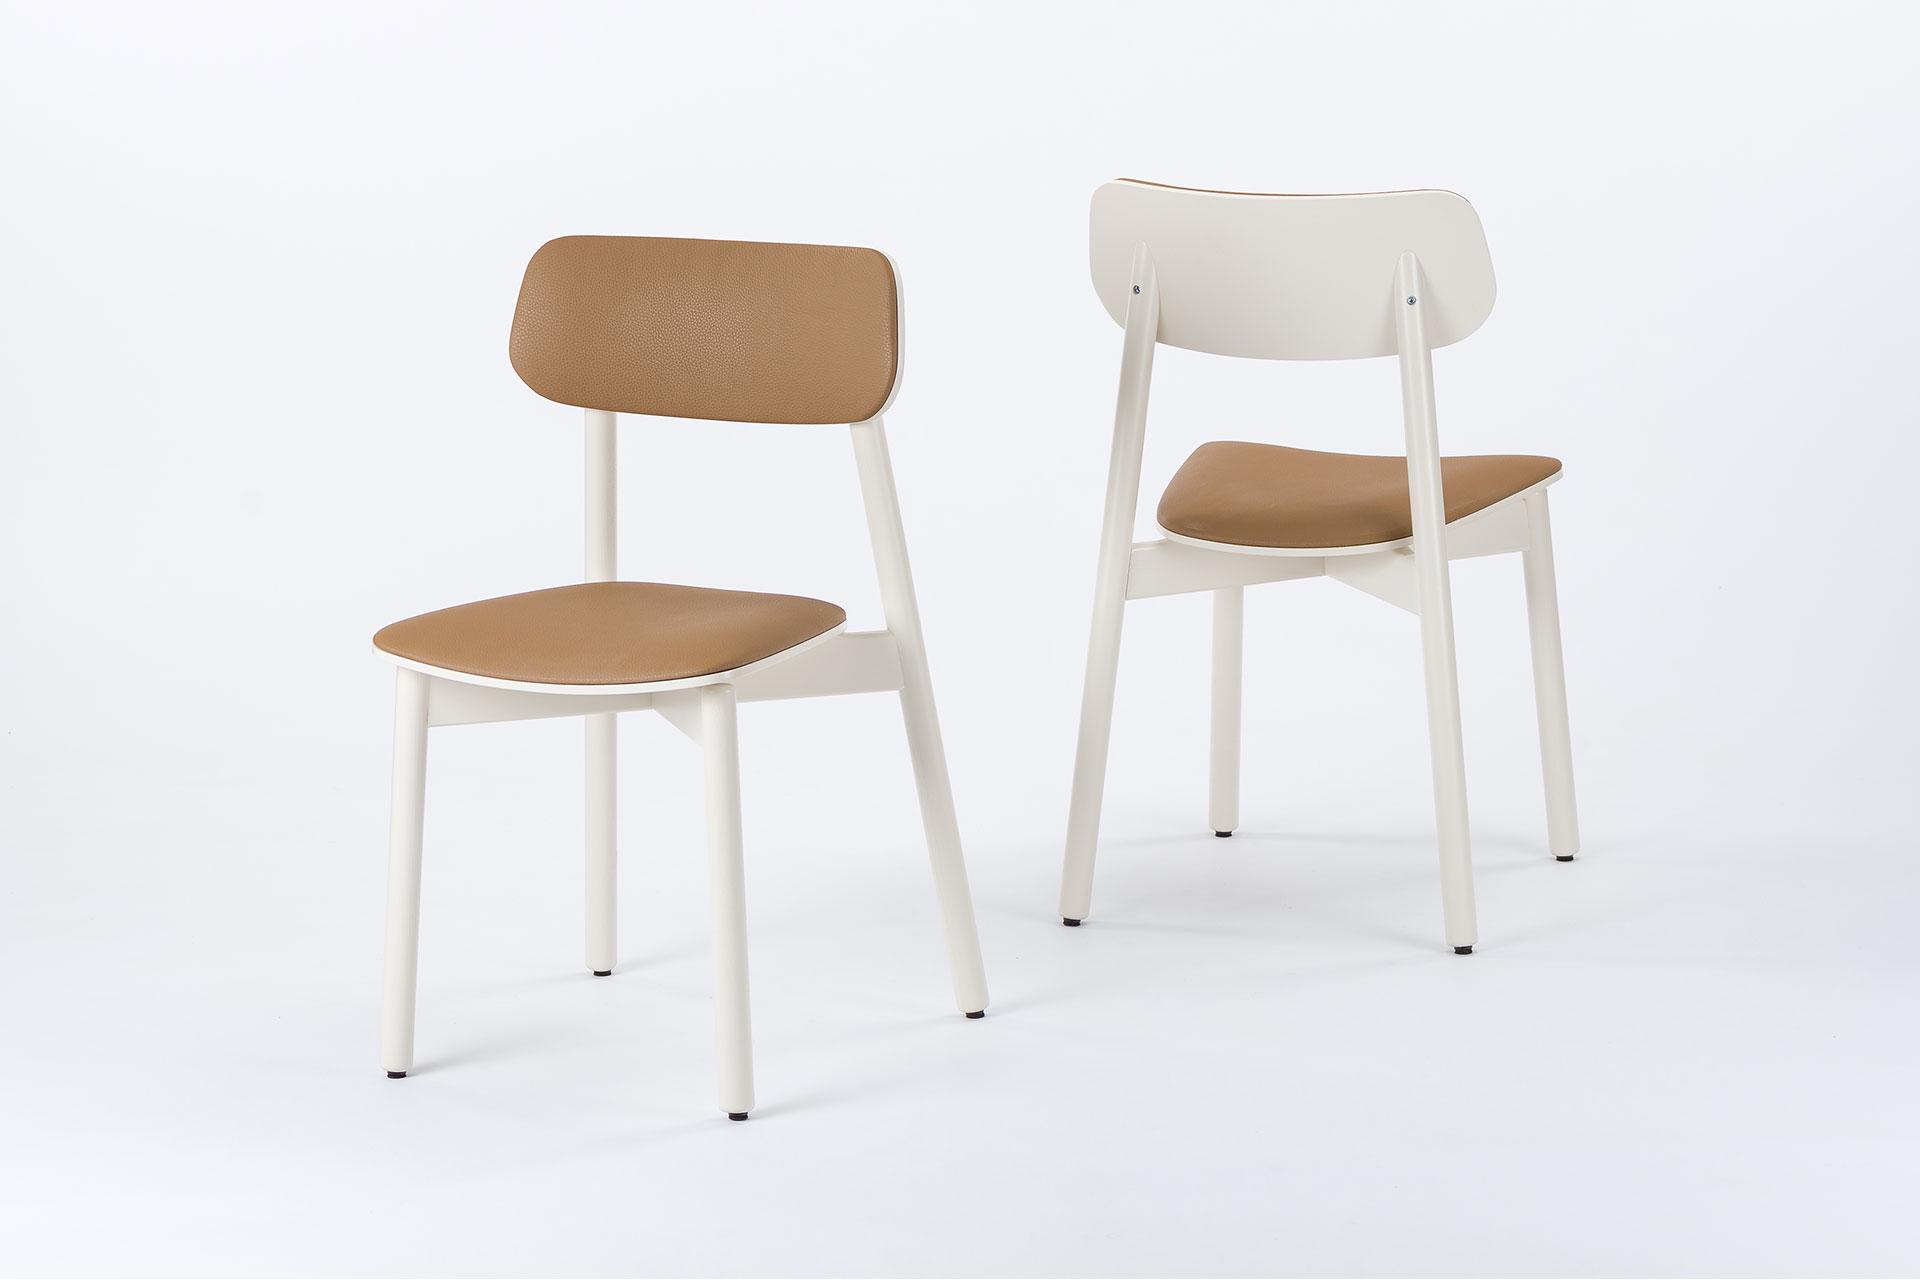 Стільці для кухні Х, дерев'яні з коричневим сидінням та спинкою і білими ніжками